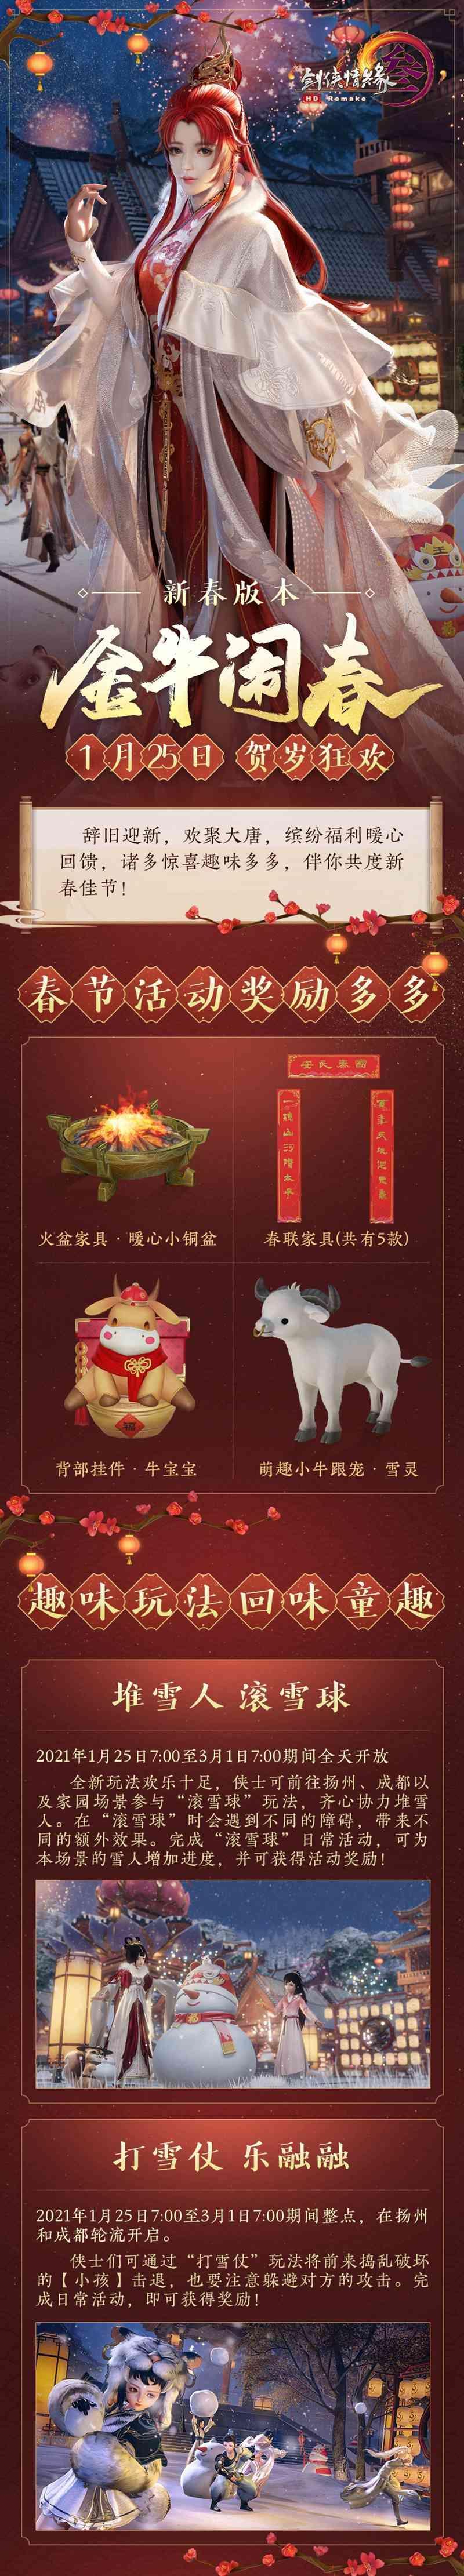 图1:春节活动+奖励.jpg